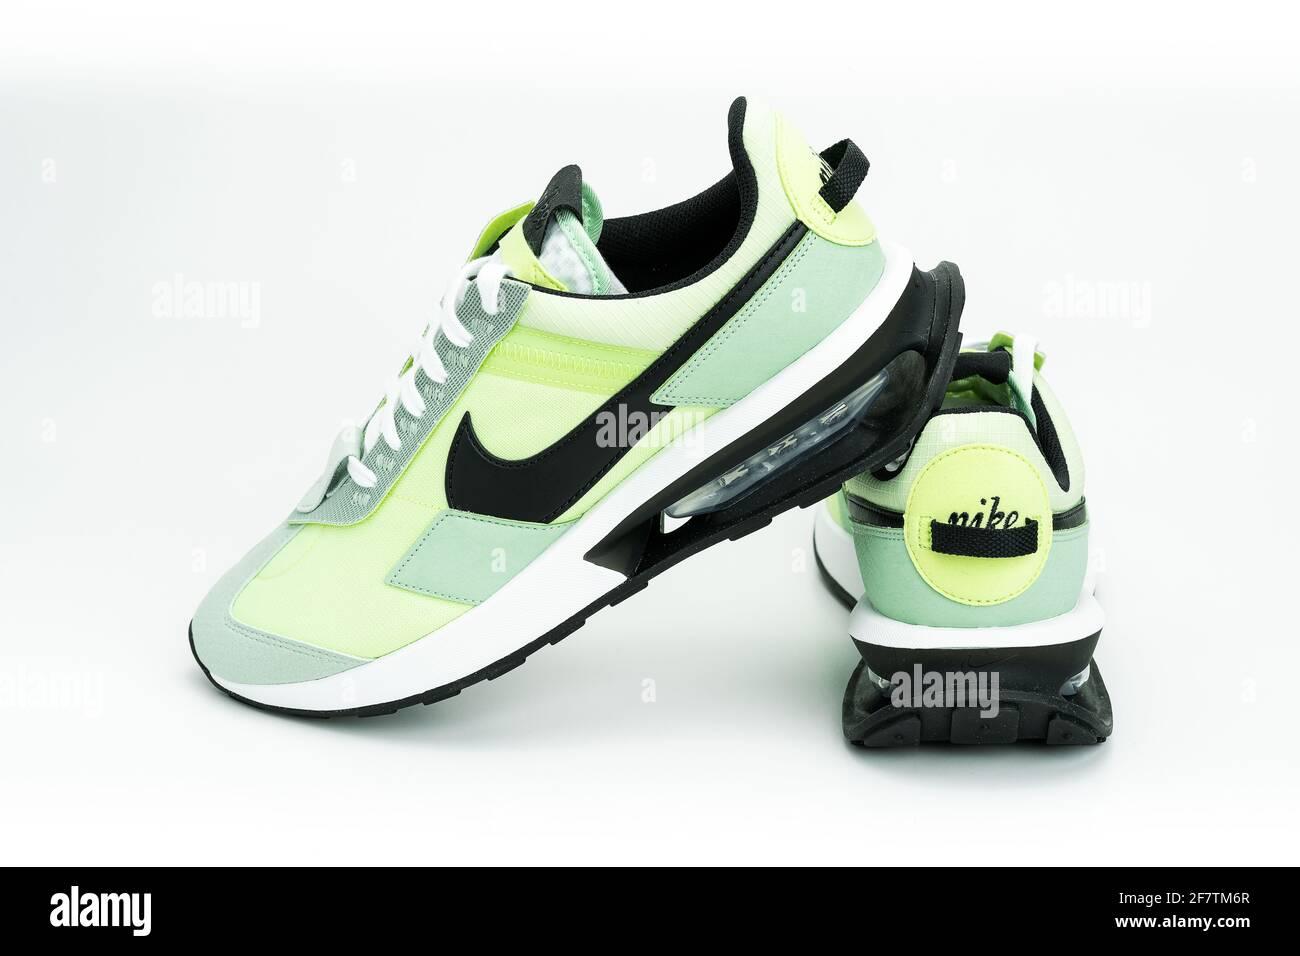 MONTERREY, MEXIQUE - 29 mars 2021 : chaussures Nike Air Max Pre ...